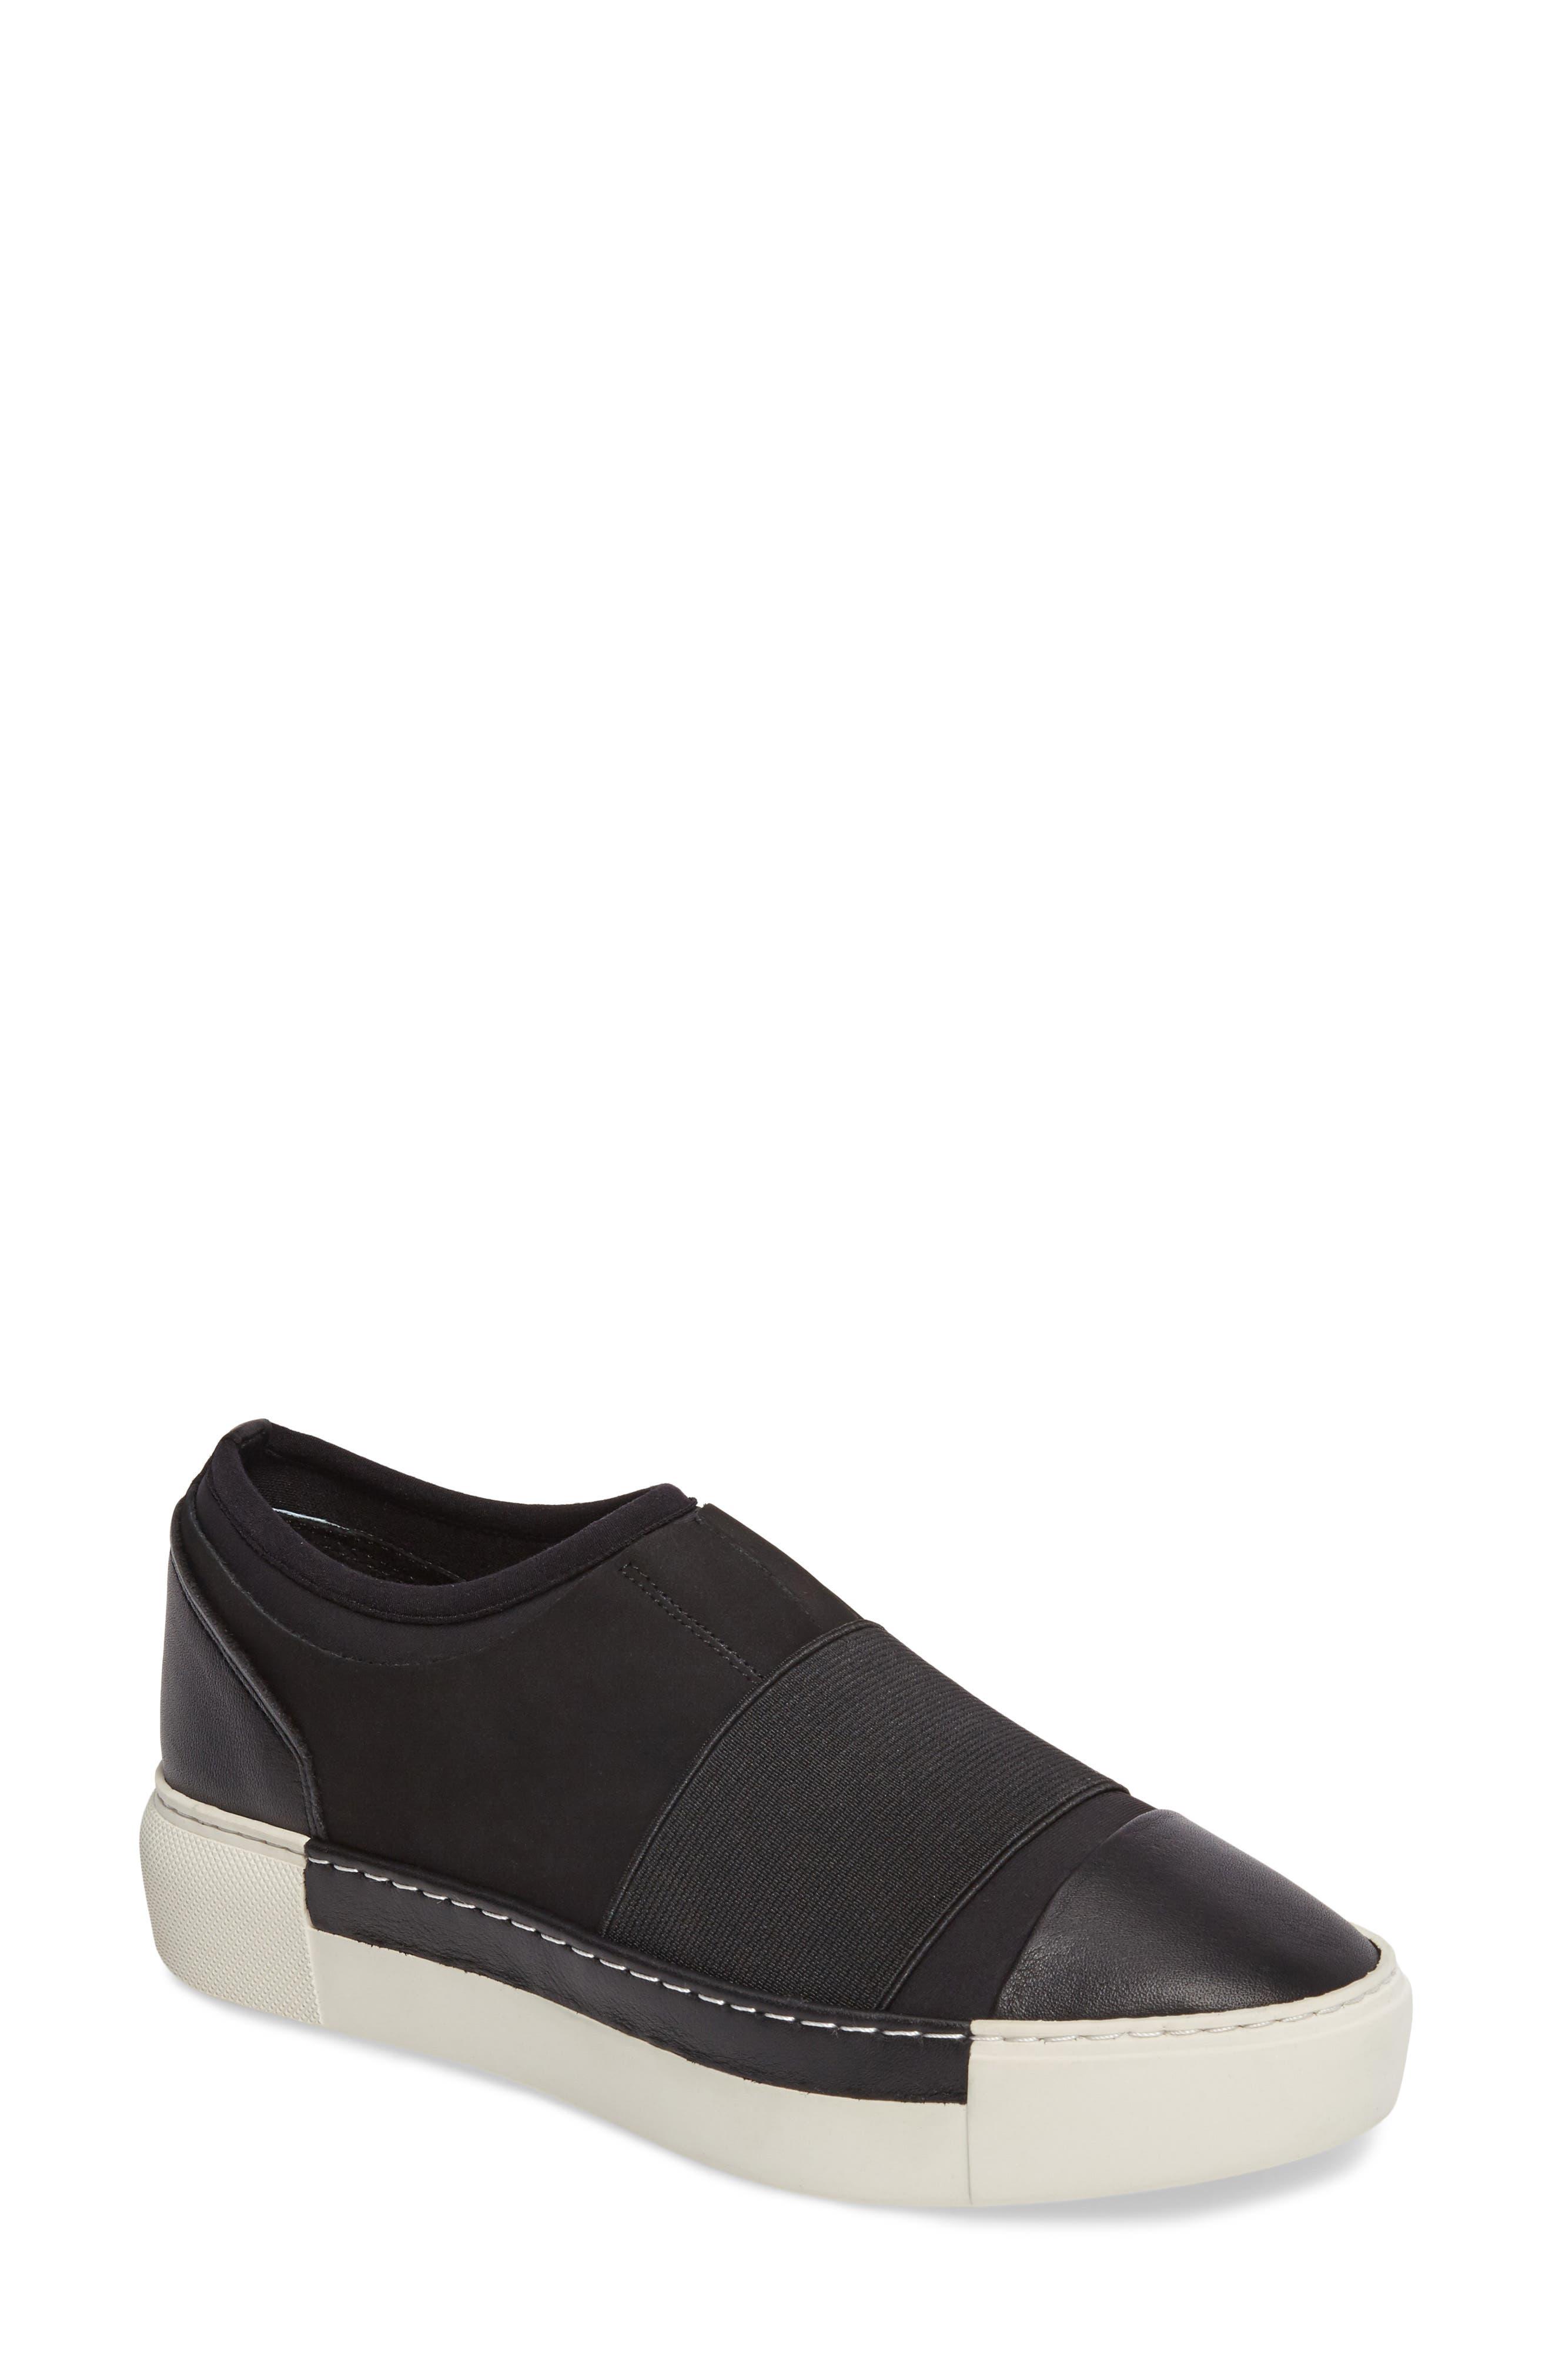 Voila Slip-On Sneaker,                         Main,                         color, 015